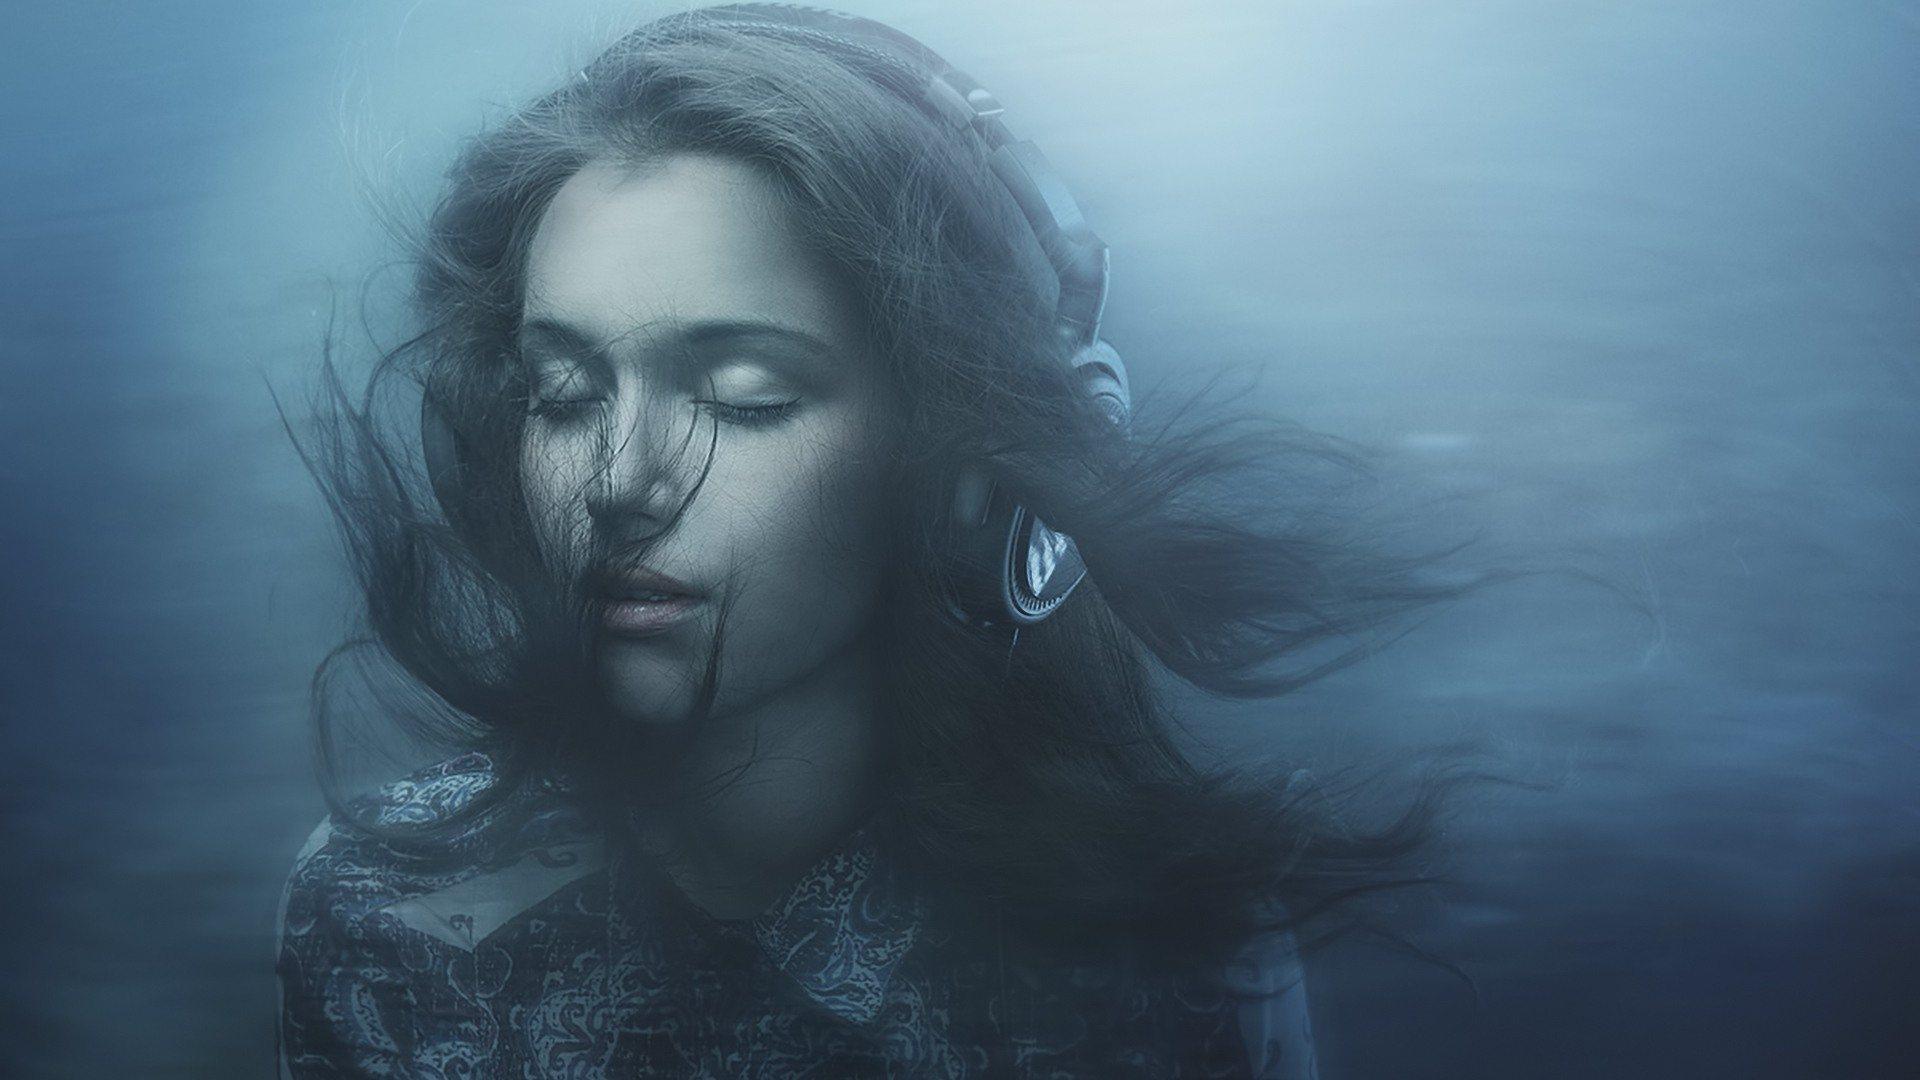 Во сне женщина с черными волосами и глазами